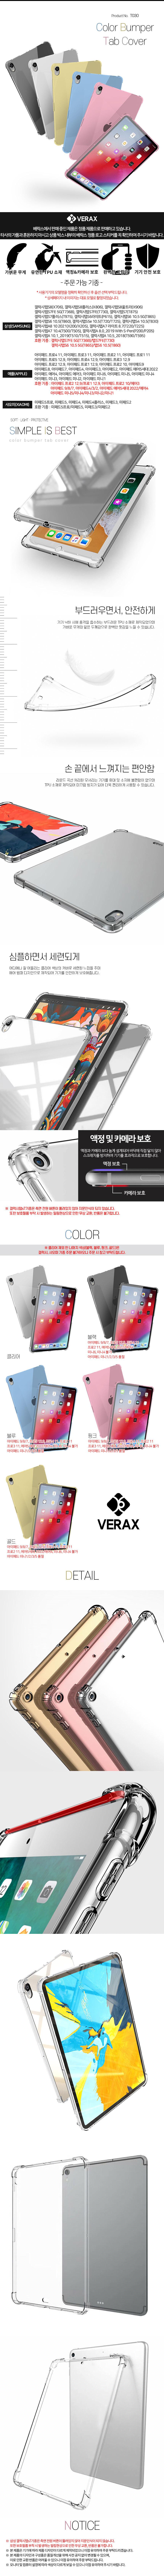 갤럭시 탭S6 10.5 컬러 범퍼 젤리 태블릿 케이스 T030 - 베락스, 13,500원, 노트북/태블릿, 노트북/태블릿